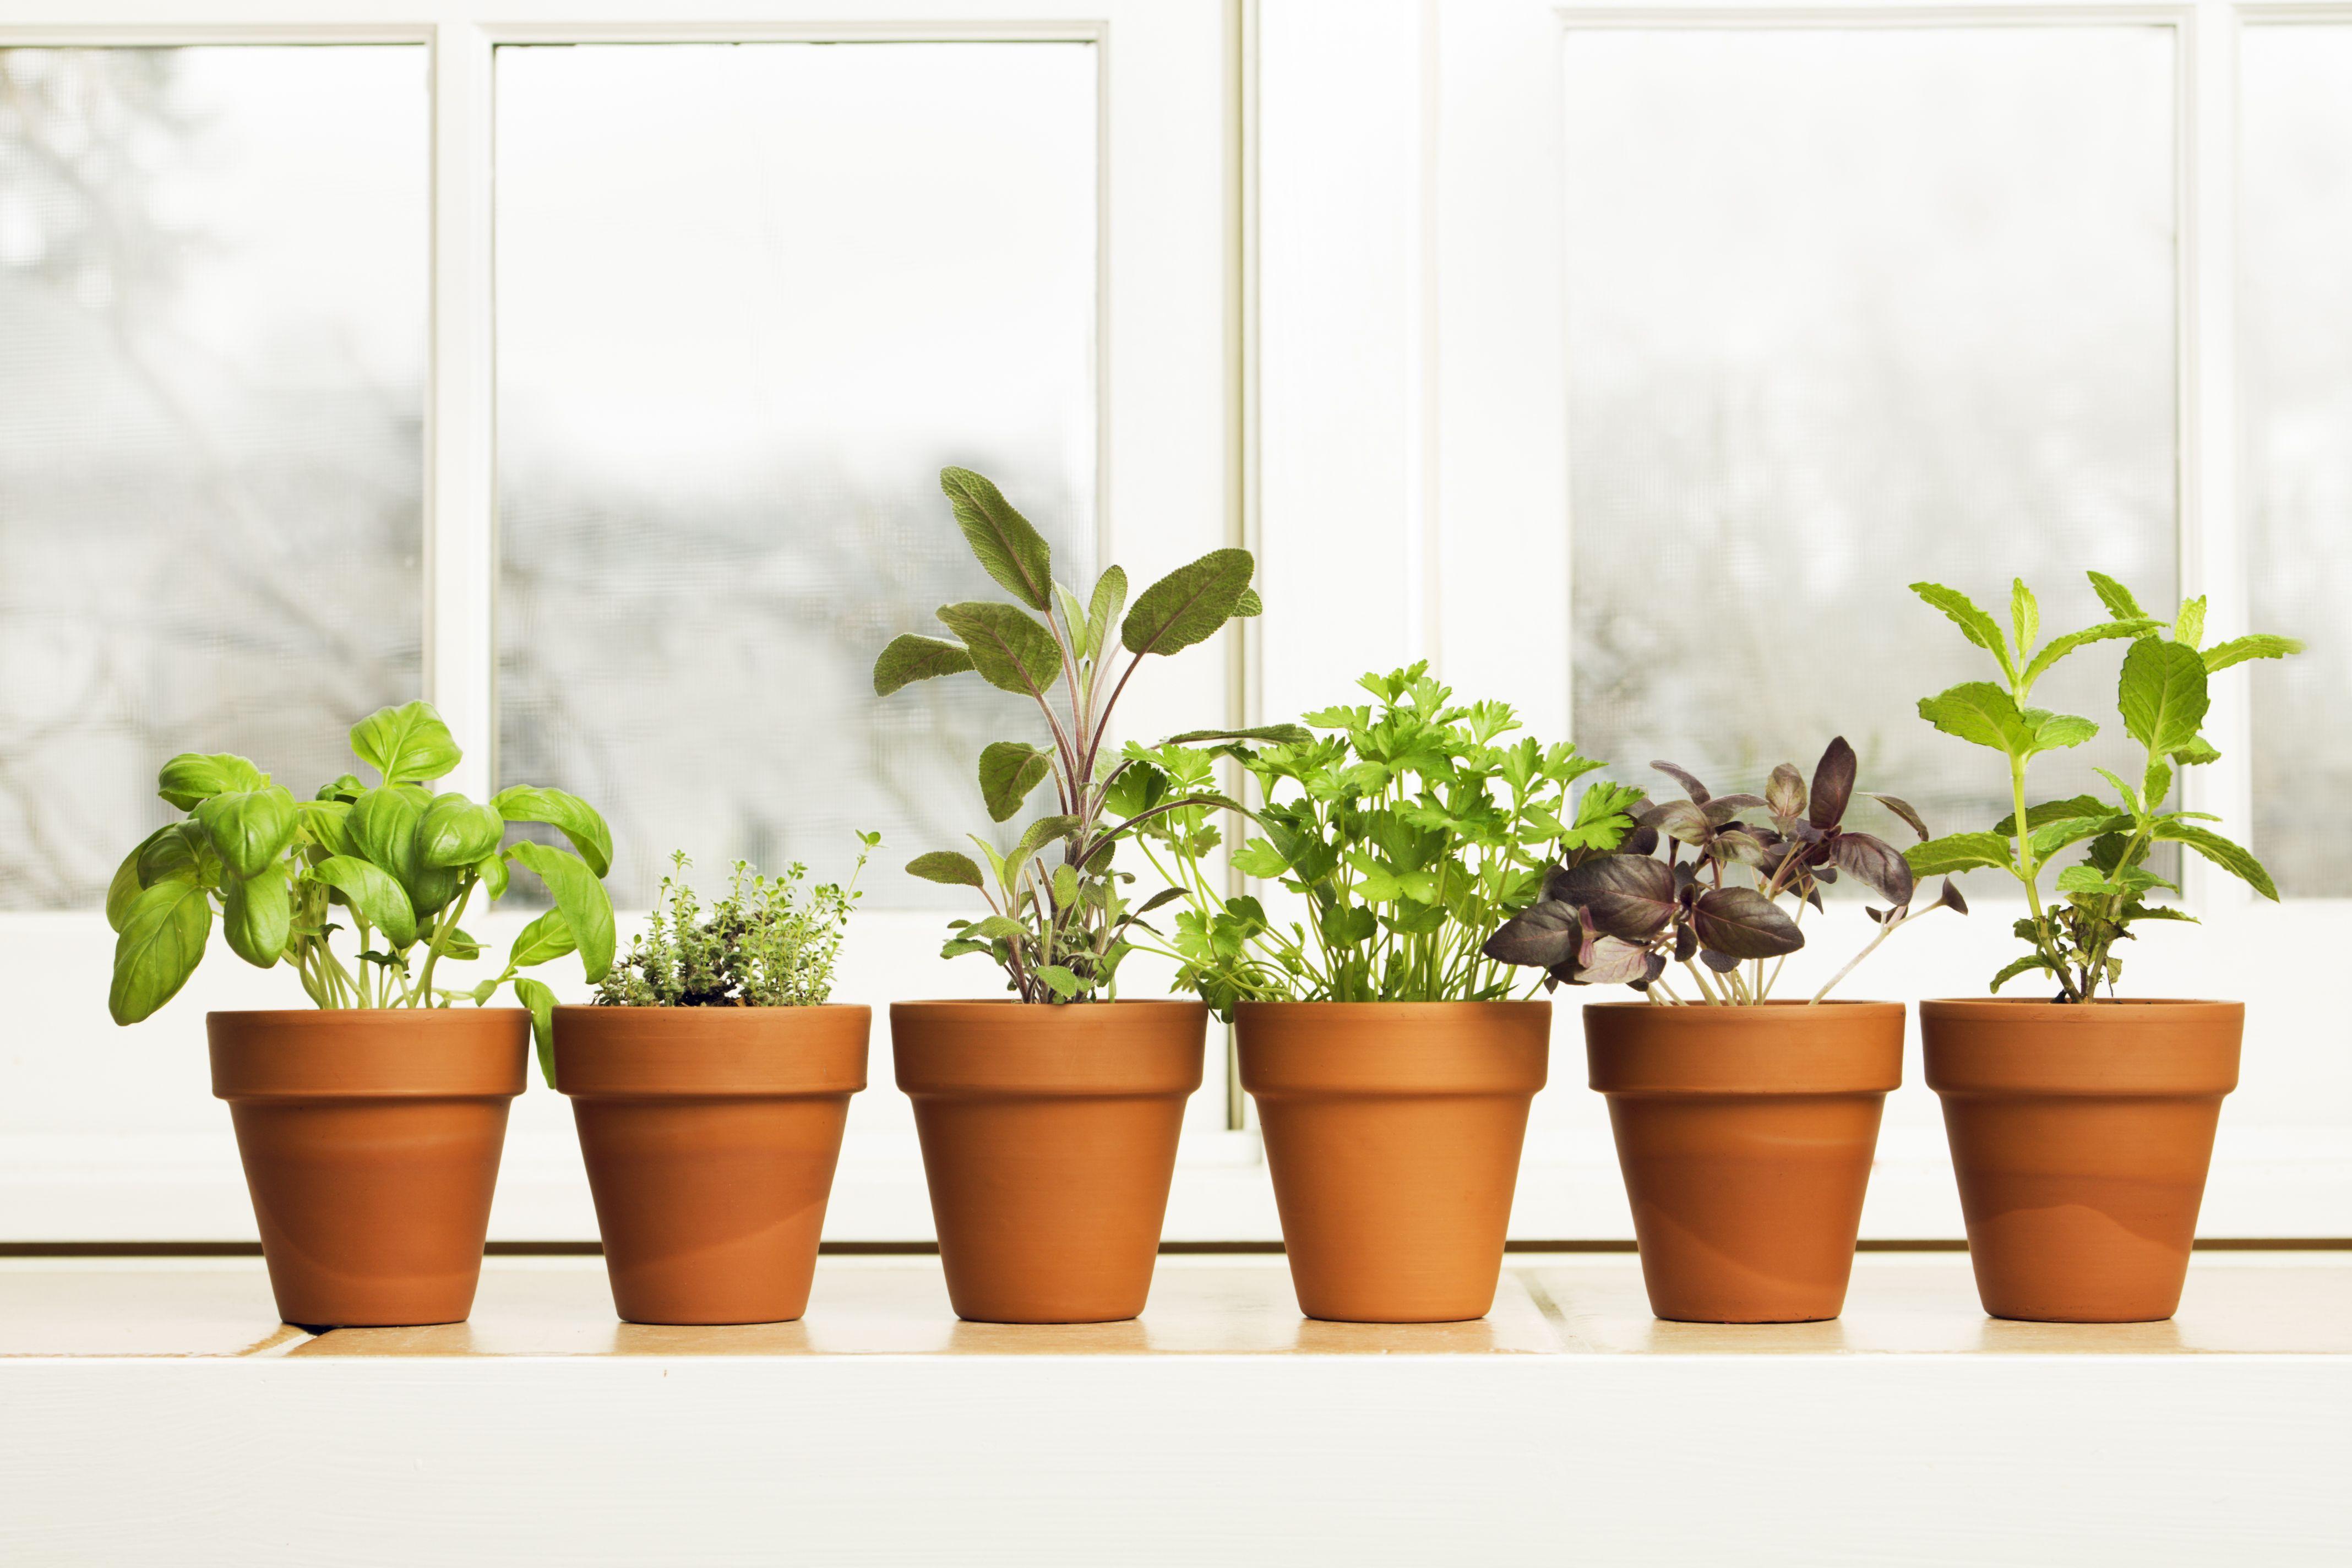 How To Grow An Indoor Herb Garden Indoor Gardening Tips